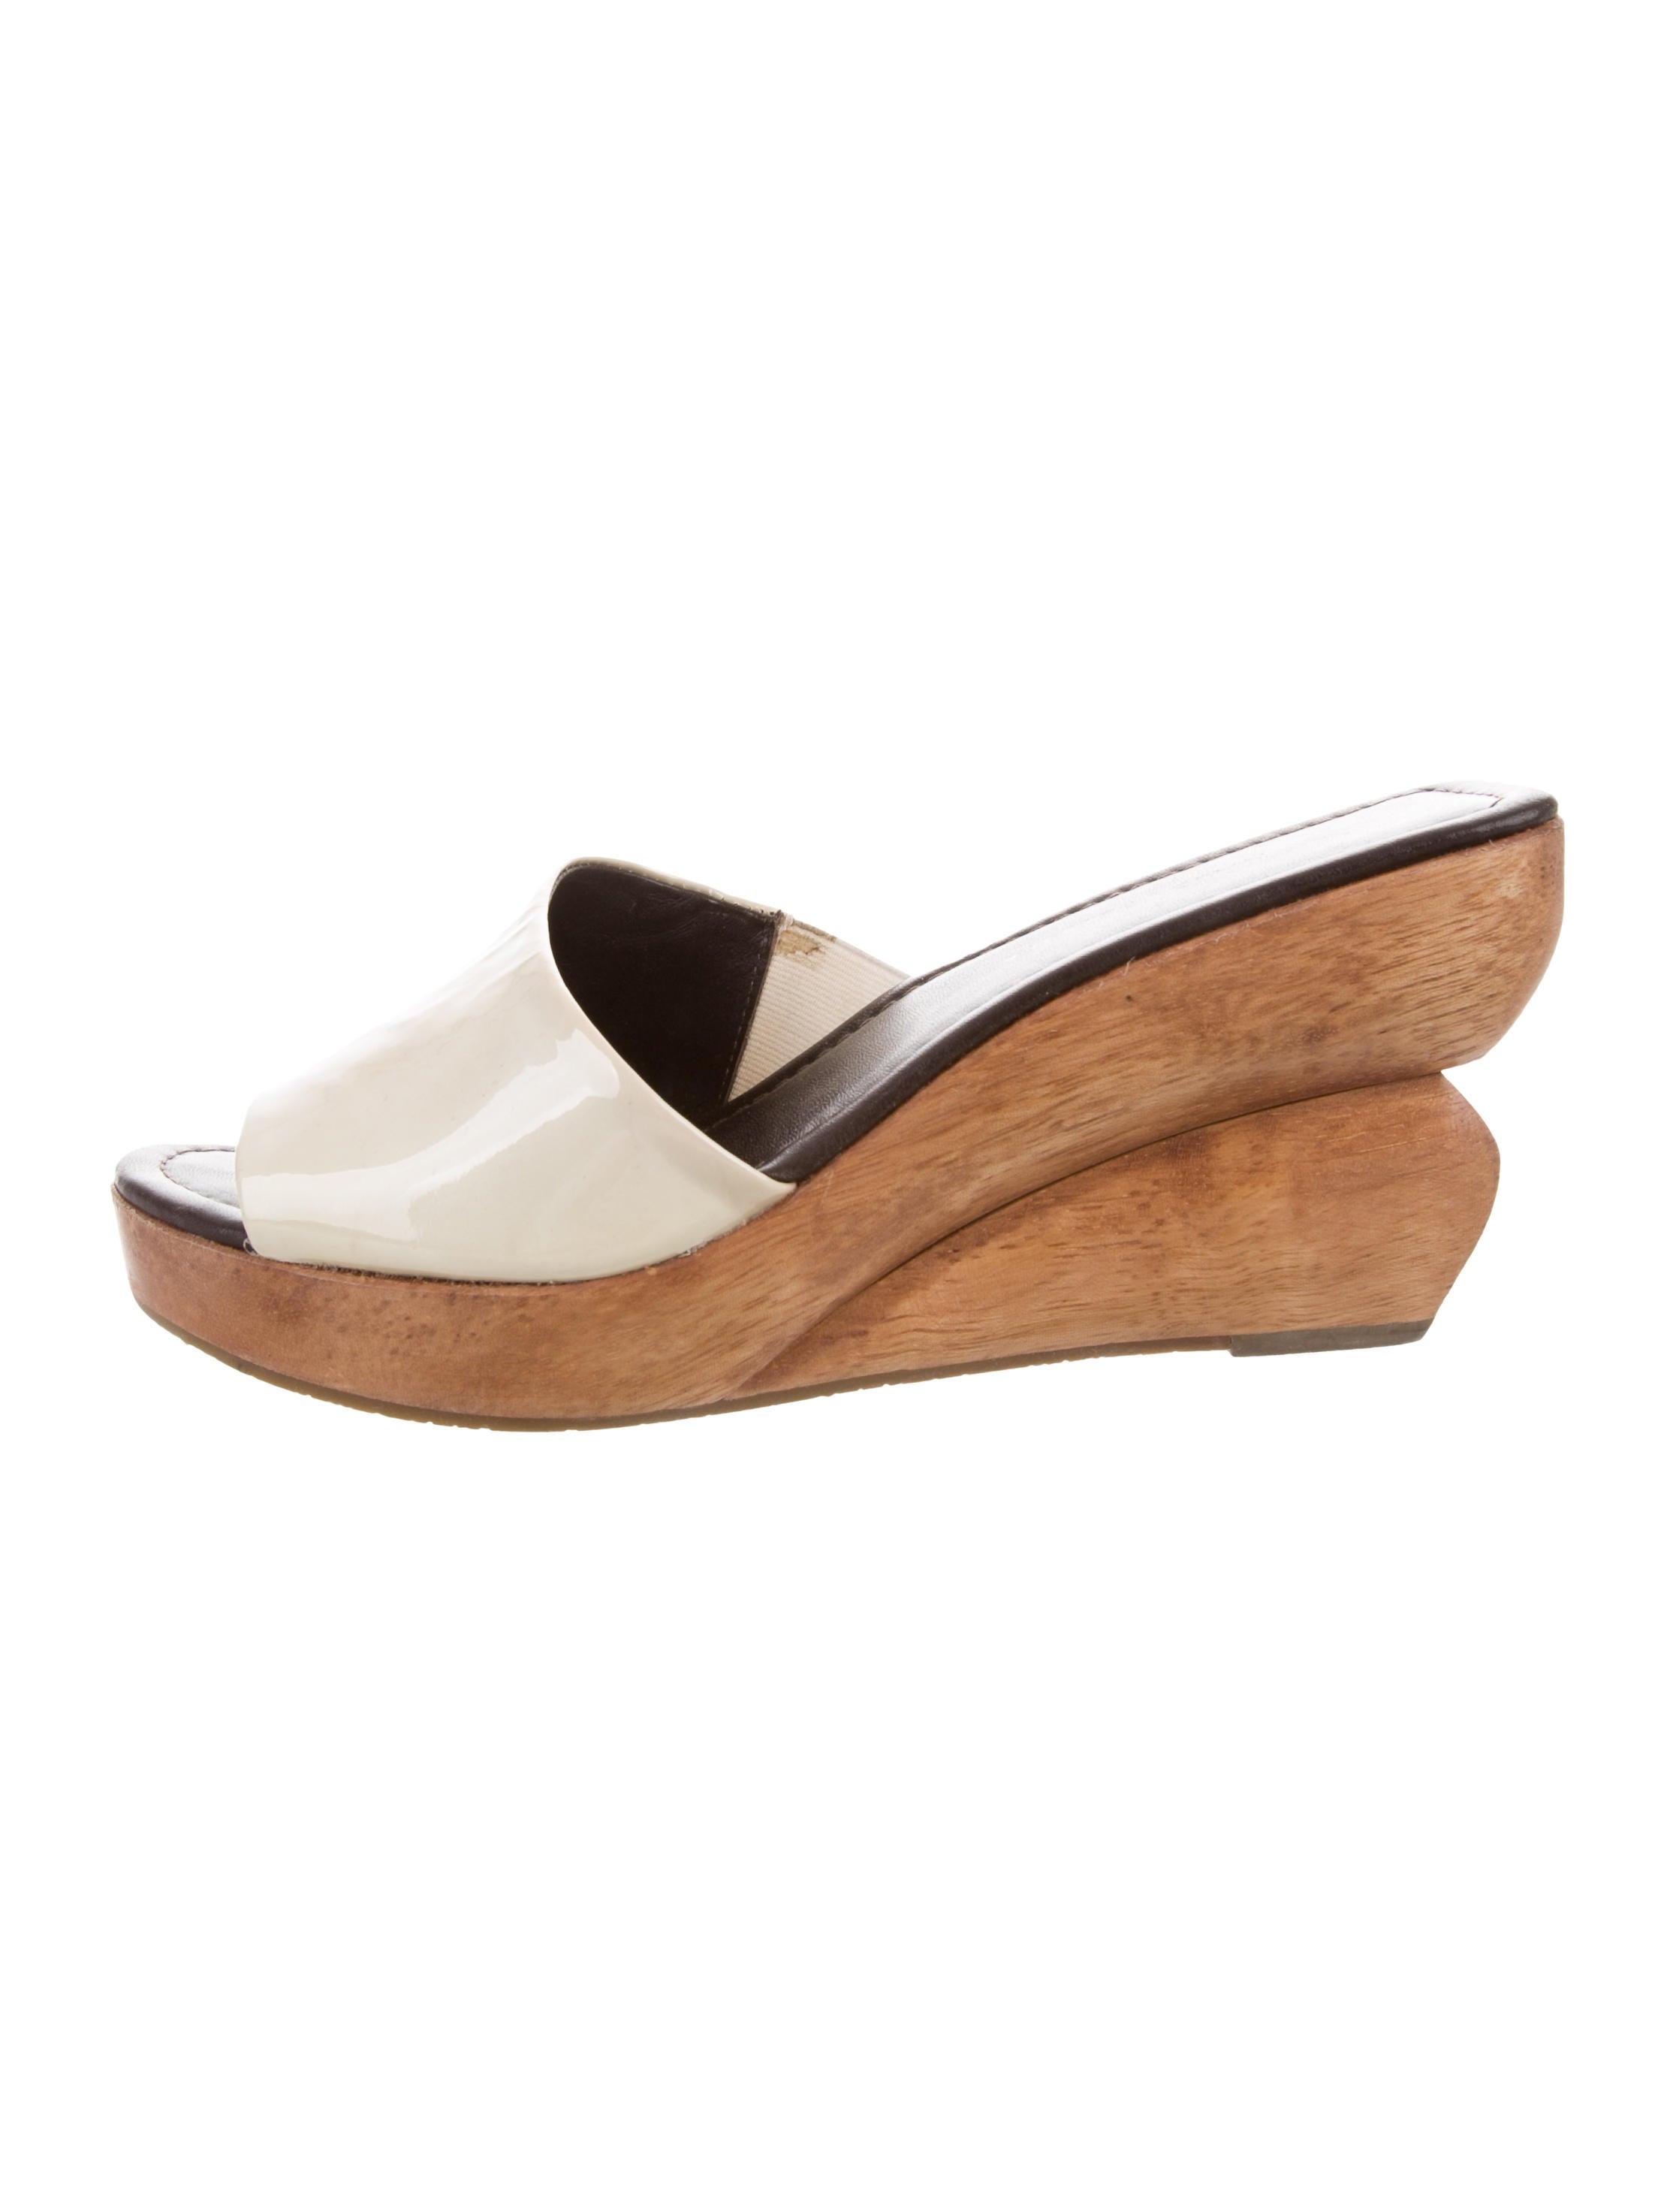 Donald J Pliner Pelle Platform Patent Pelle Pliner Wedges Shoes WDJ21024 60caf6